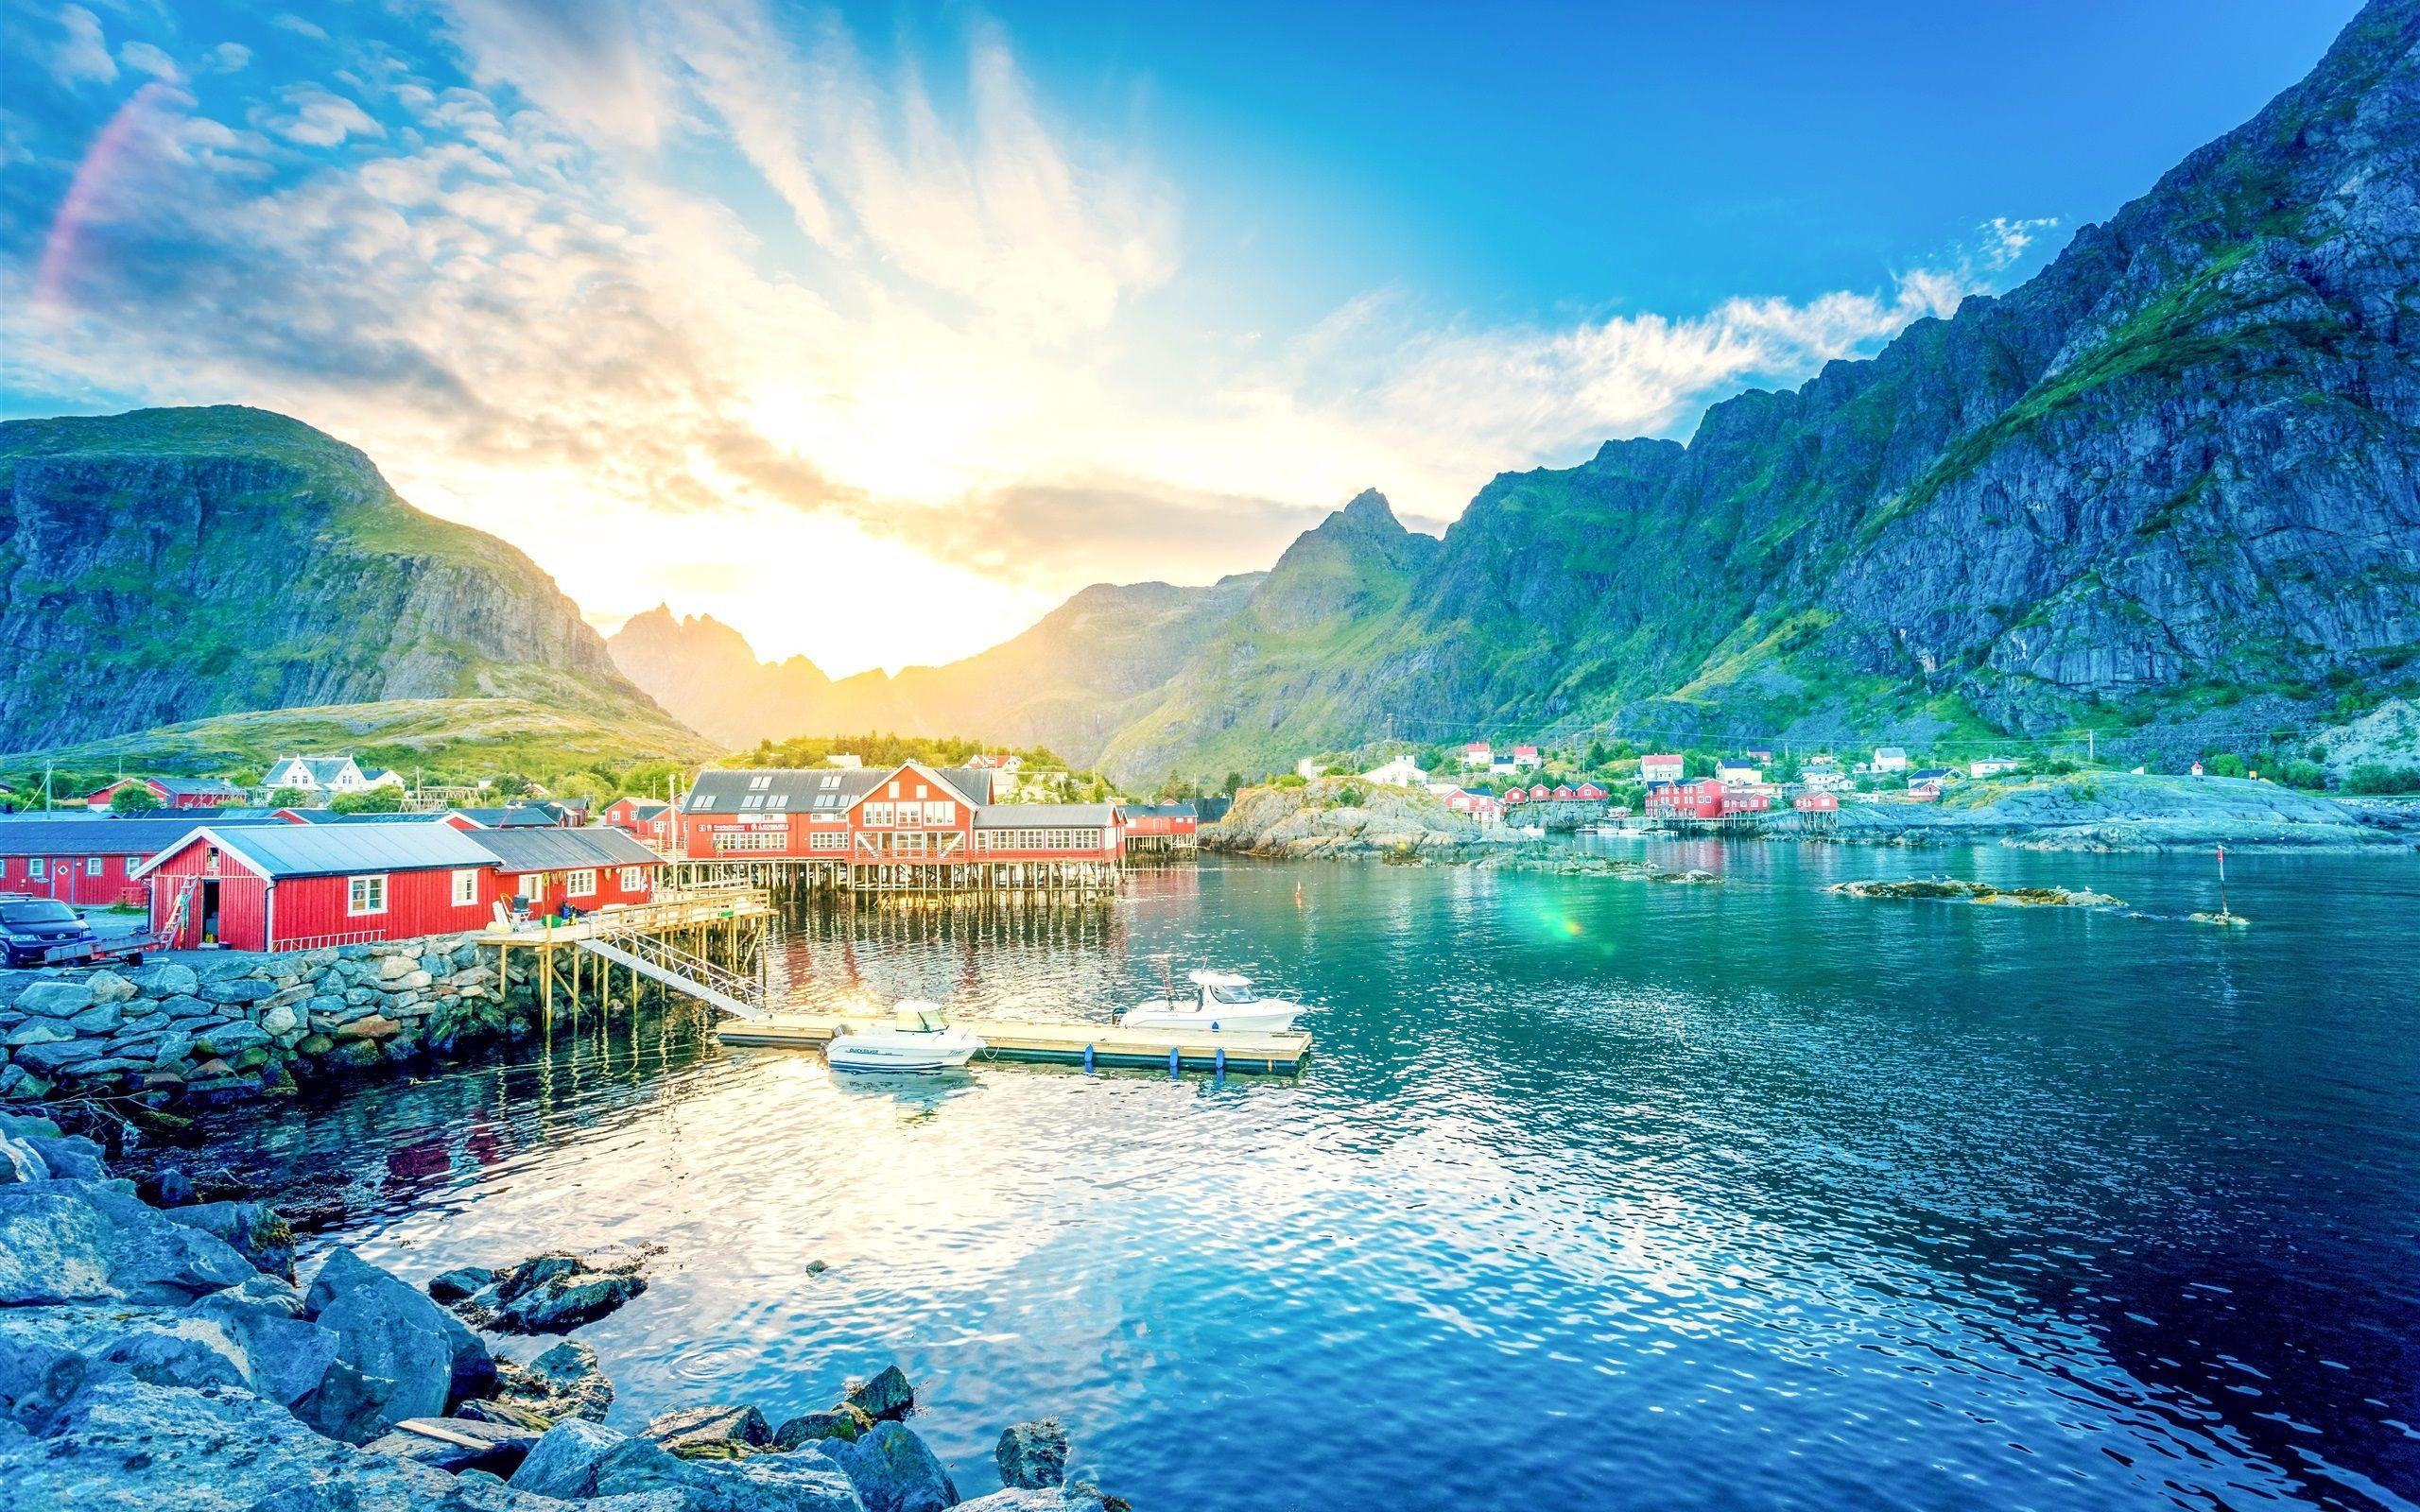 ノルウェー ロフォーテン 湖 山 渓谷 日の出 町 家 桟橋 ボート 壁紙 2560x1600 壁紙ダウンロード ロフォーテン諸島 日の出 ノルウェー